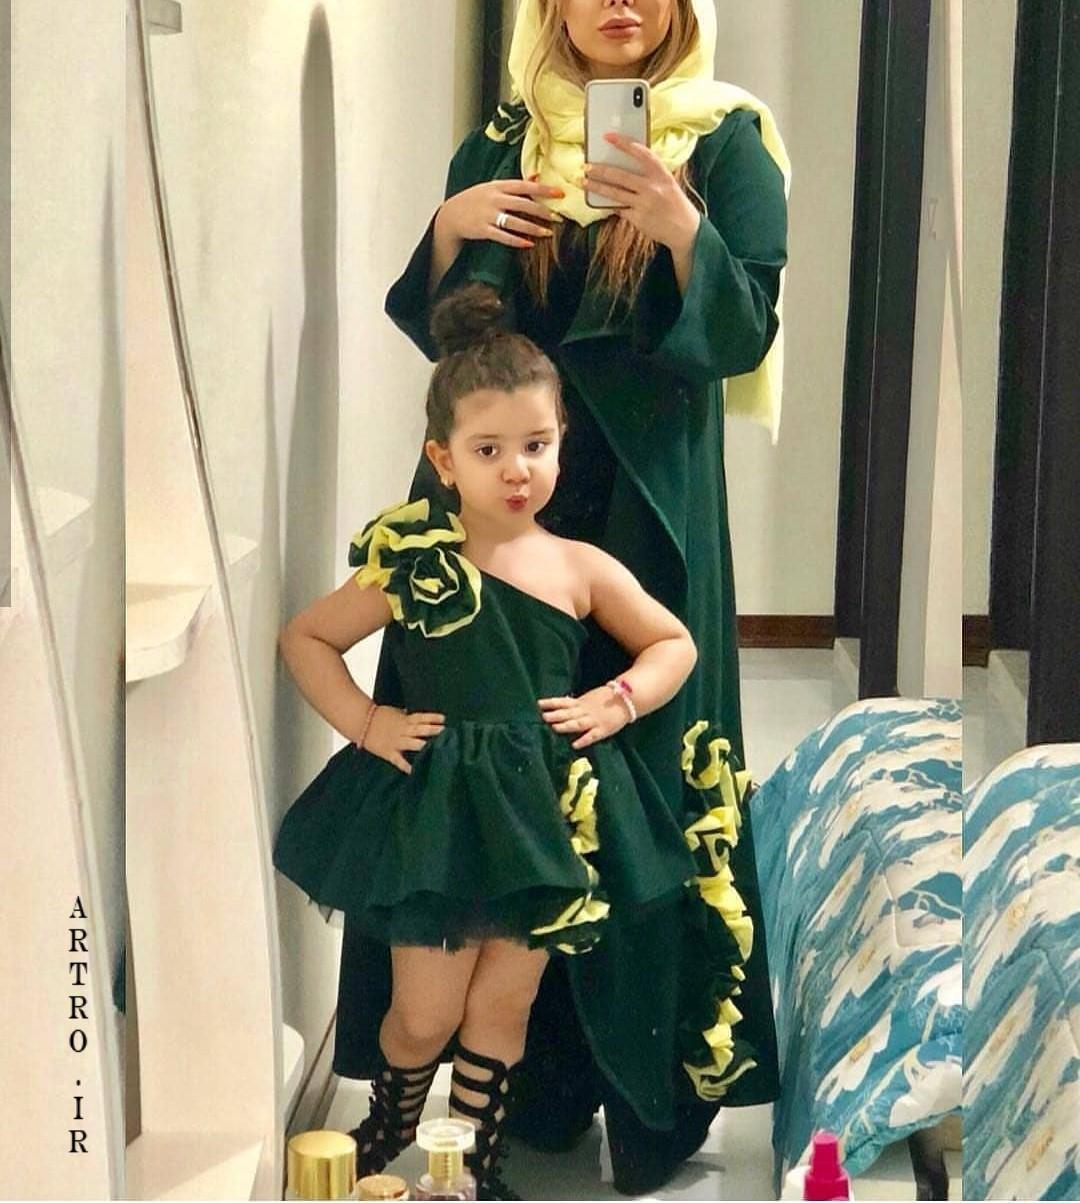 ست مدل مانتو عید مادر و دختر 98